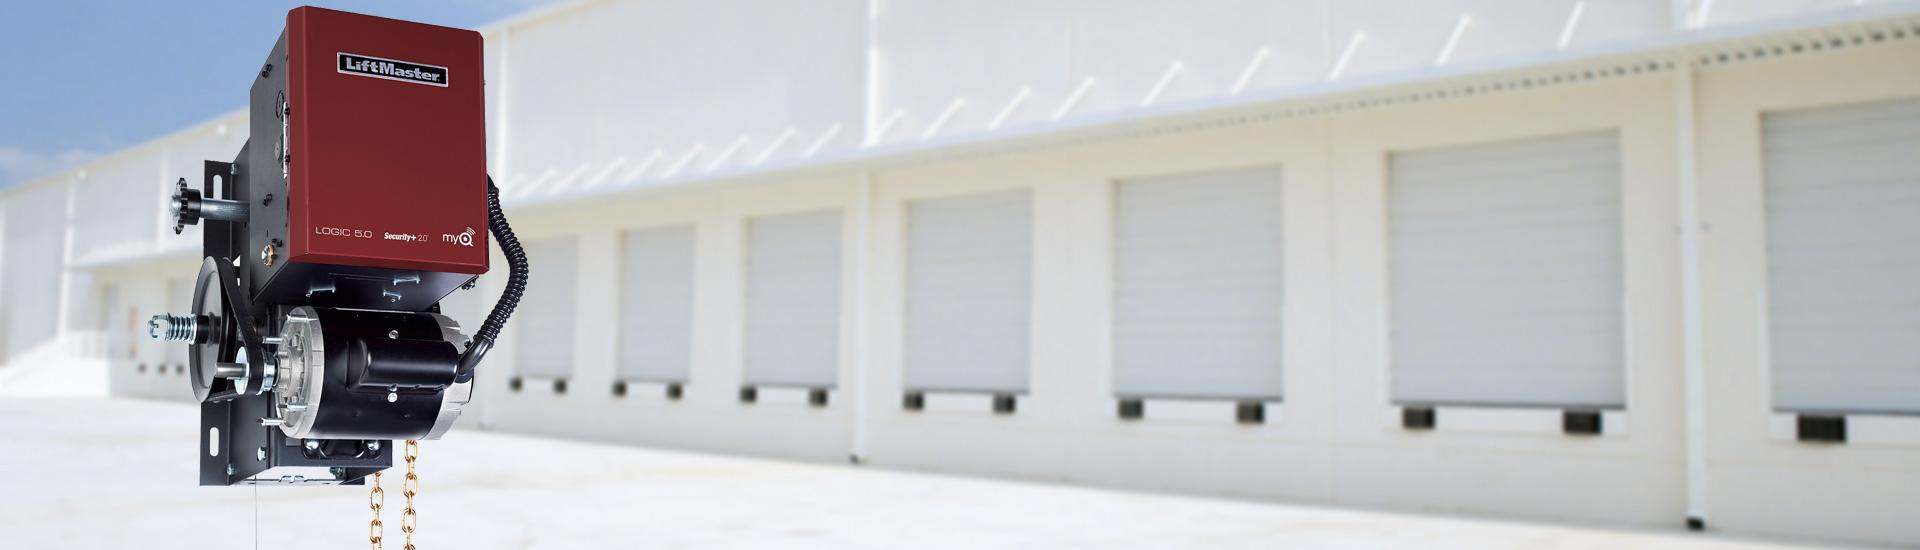 commercial garage door openers residential roll up doors in dallas fort worth